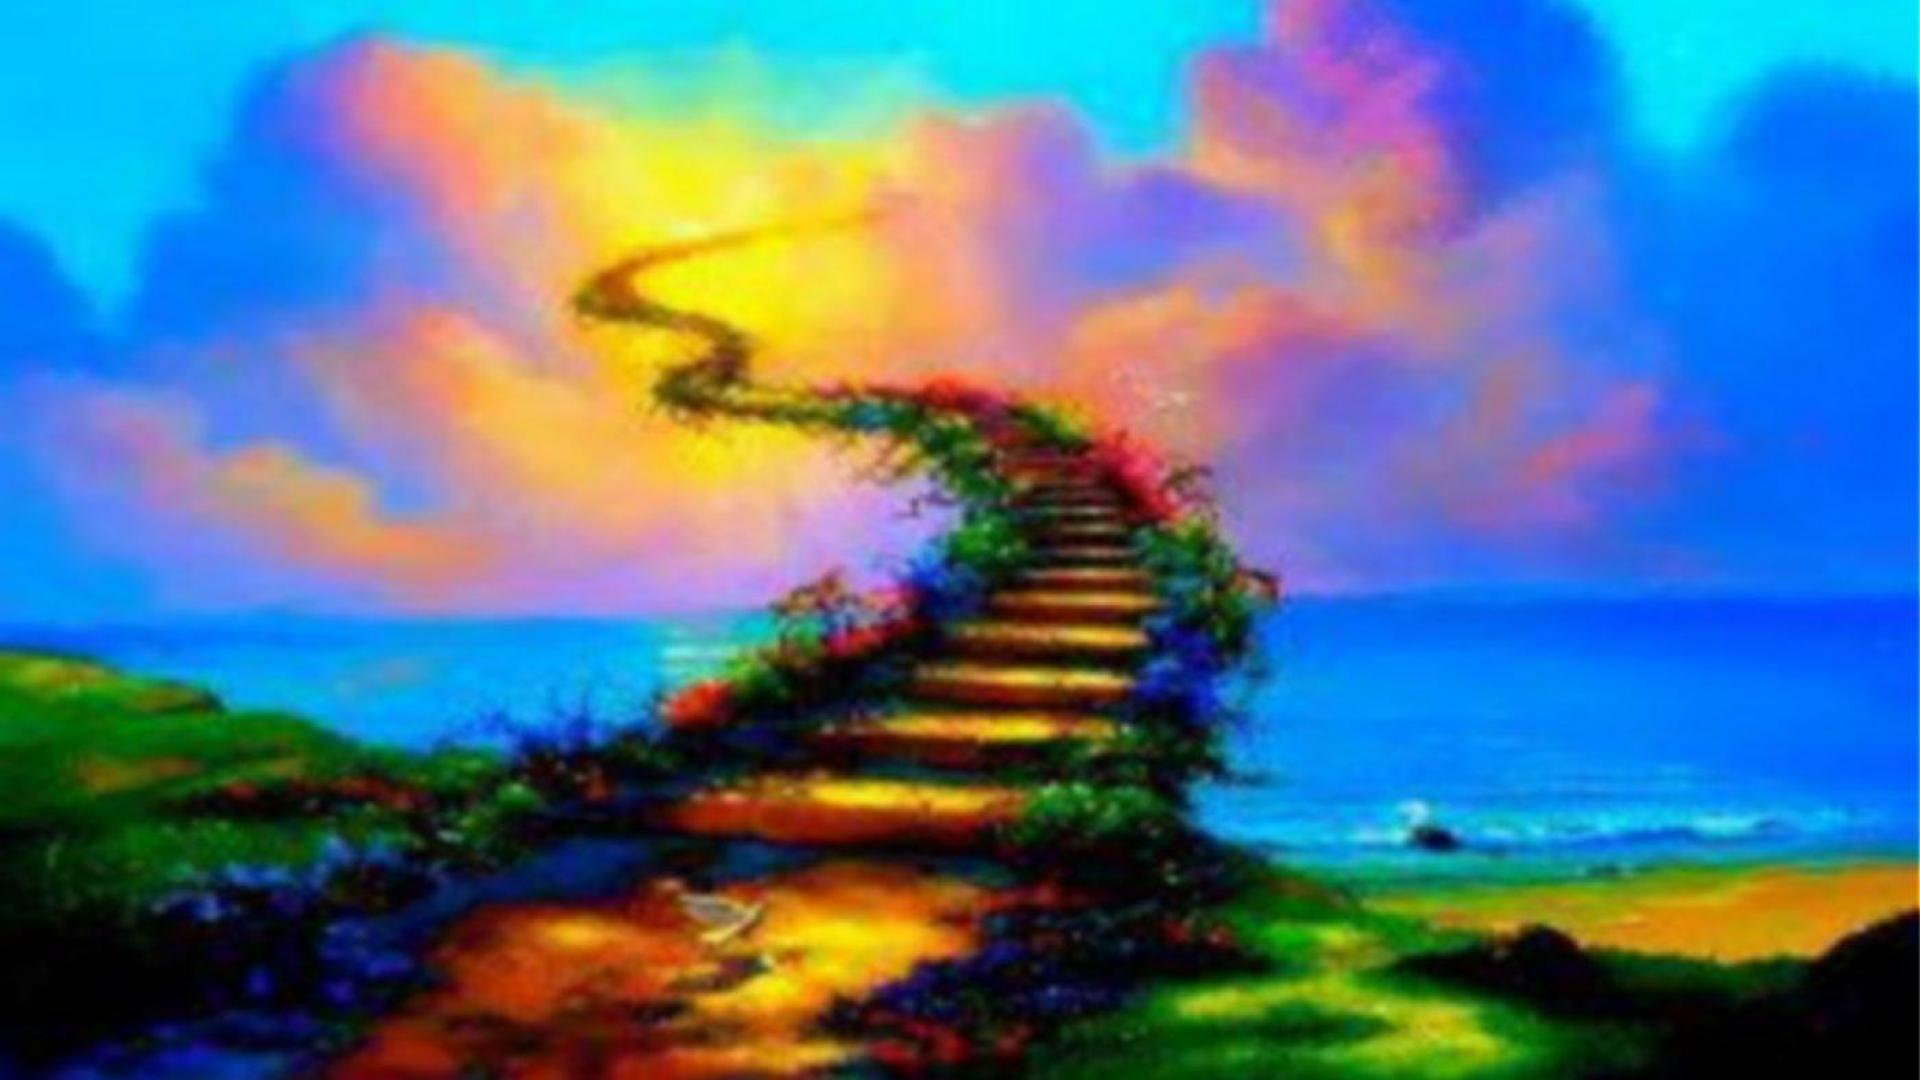 Heavenly Wallpaper Wallpapersafari HD Wallpapers Download Free Images Wallpaper [1000image.com]